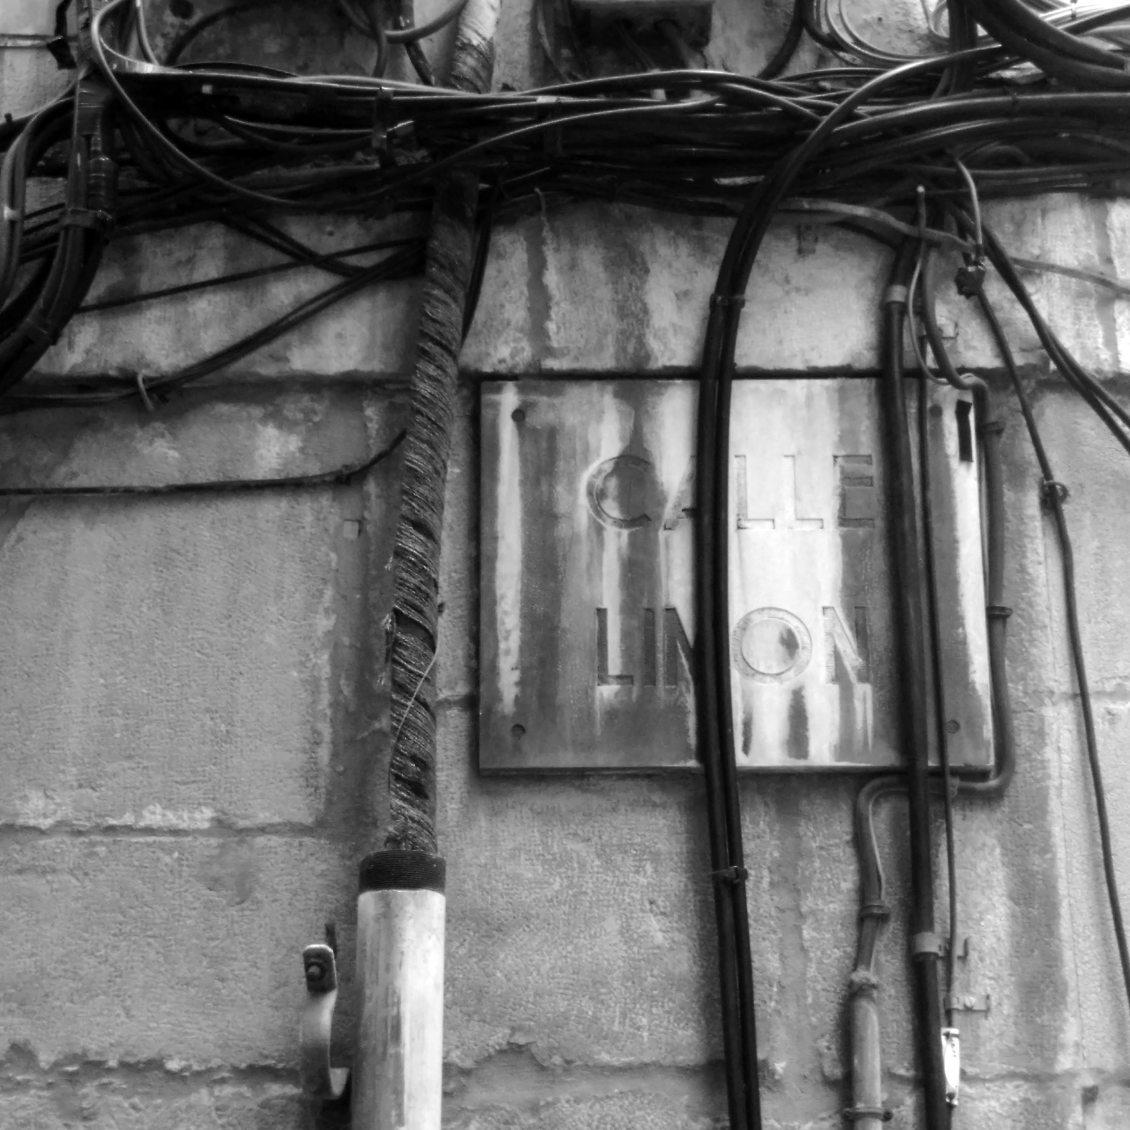 calles_2016-04-26-11.44.28